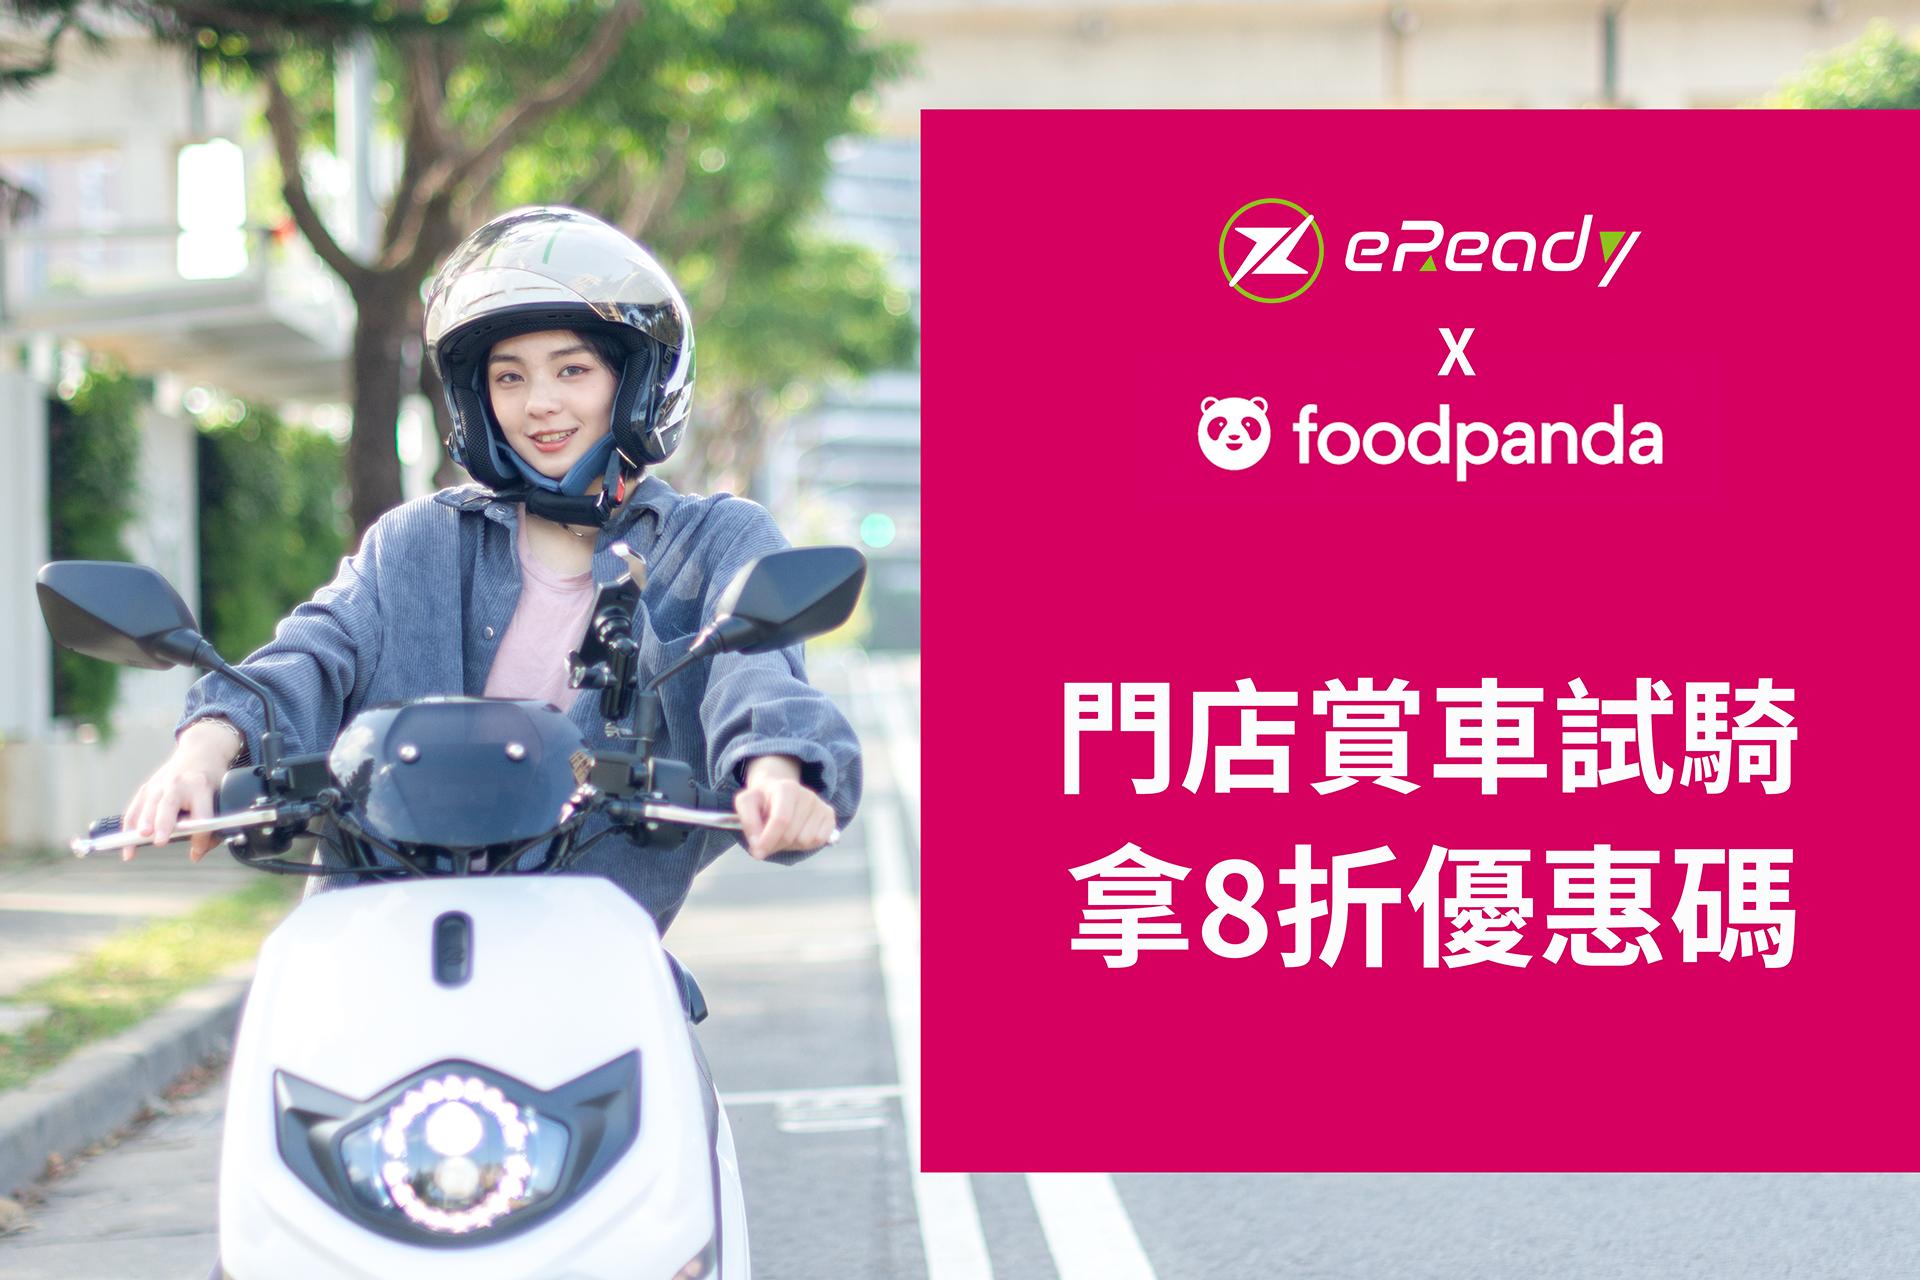 來店試乘賞車,即贈Foodpanda外送8折優惠折扣碼.jpg